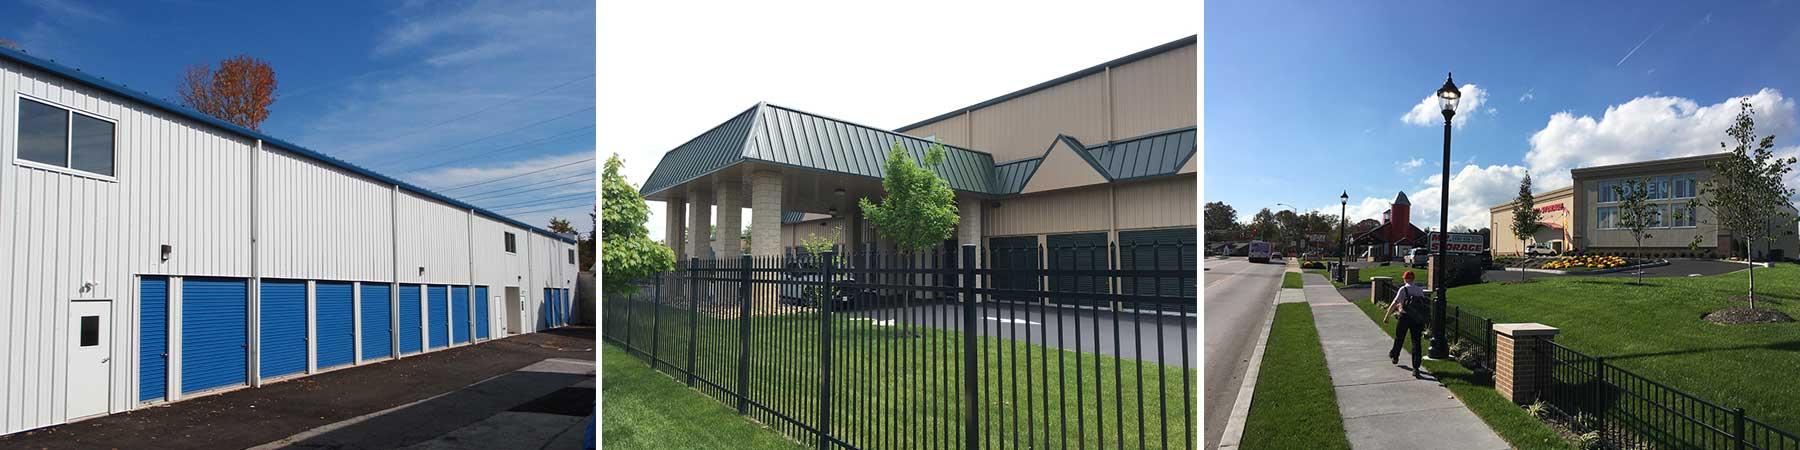 Multi Story Steel Storage Buildings – Pre Engineered Steel Buildings